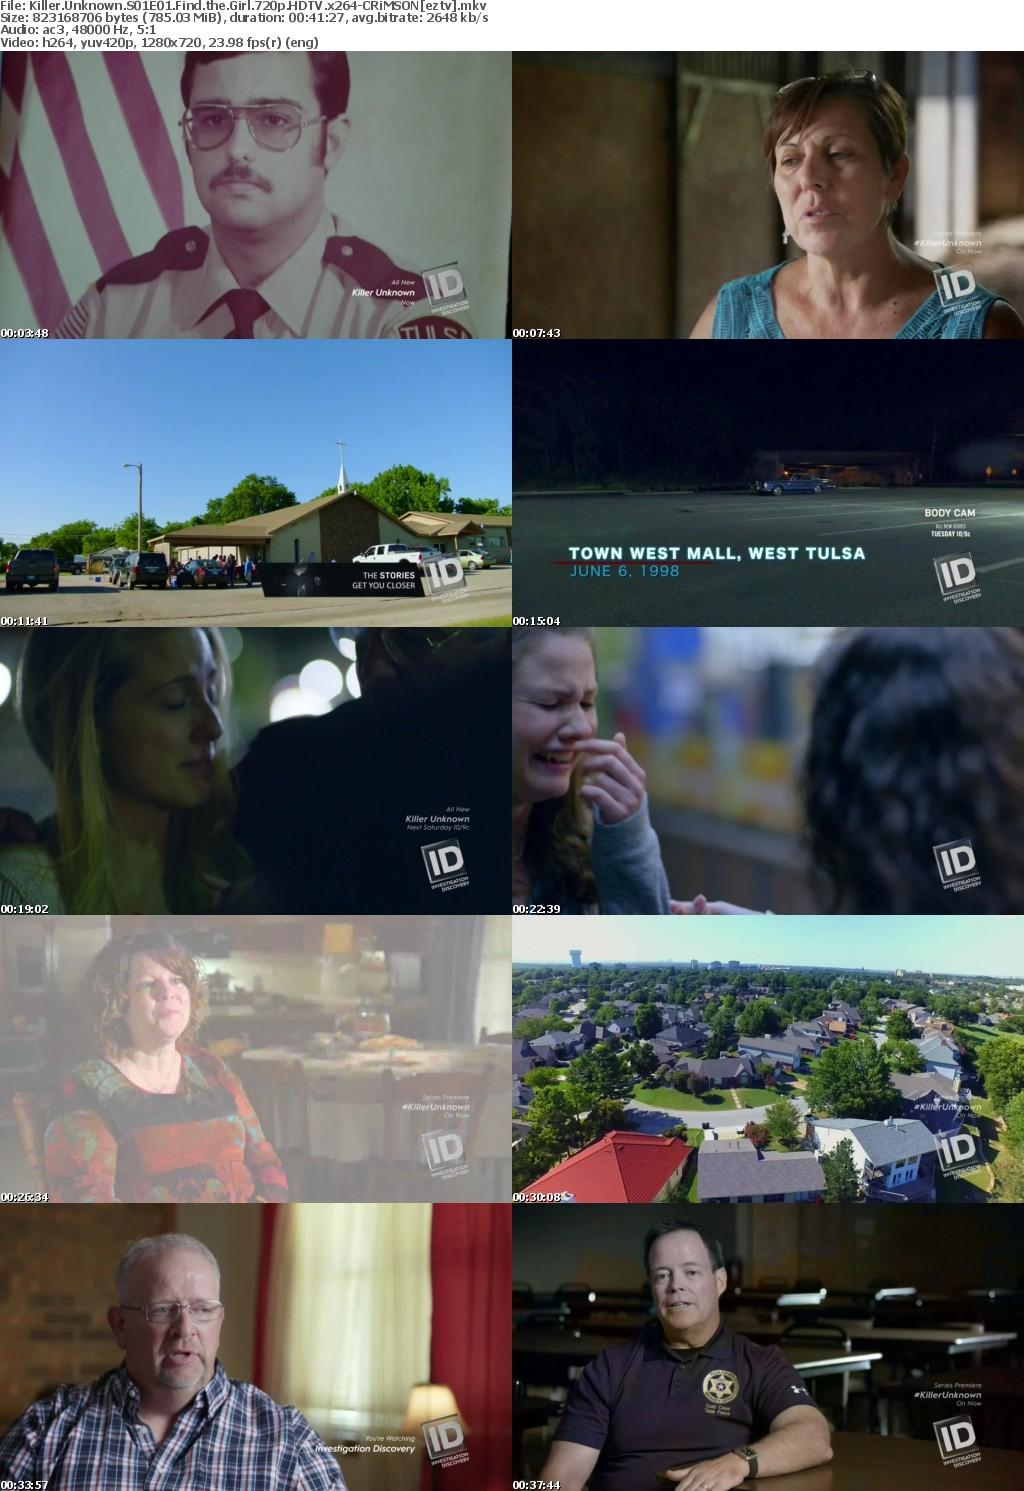 Killer Unknown S01E01 Find the Girl 720p HDTV x264-CRiMSON